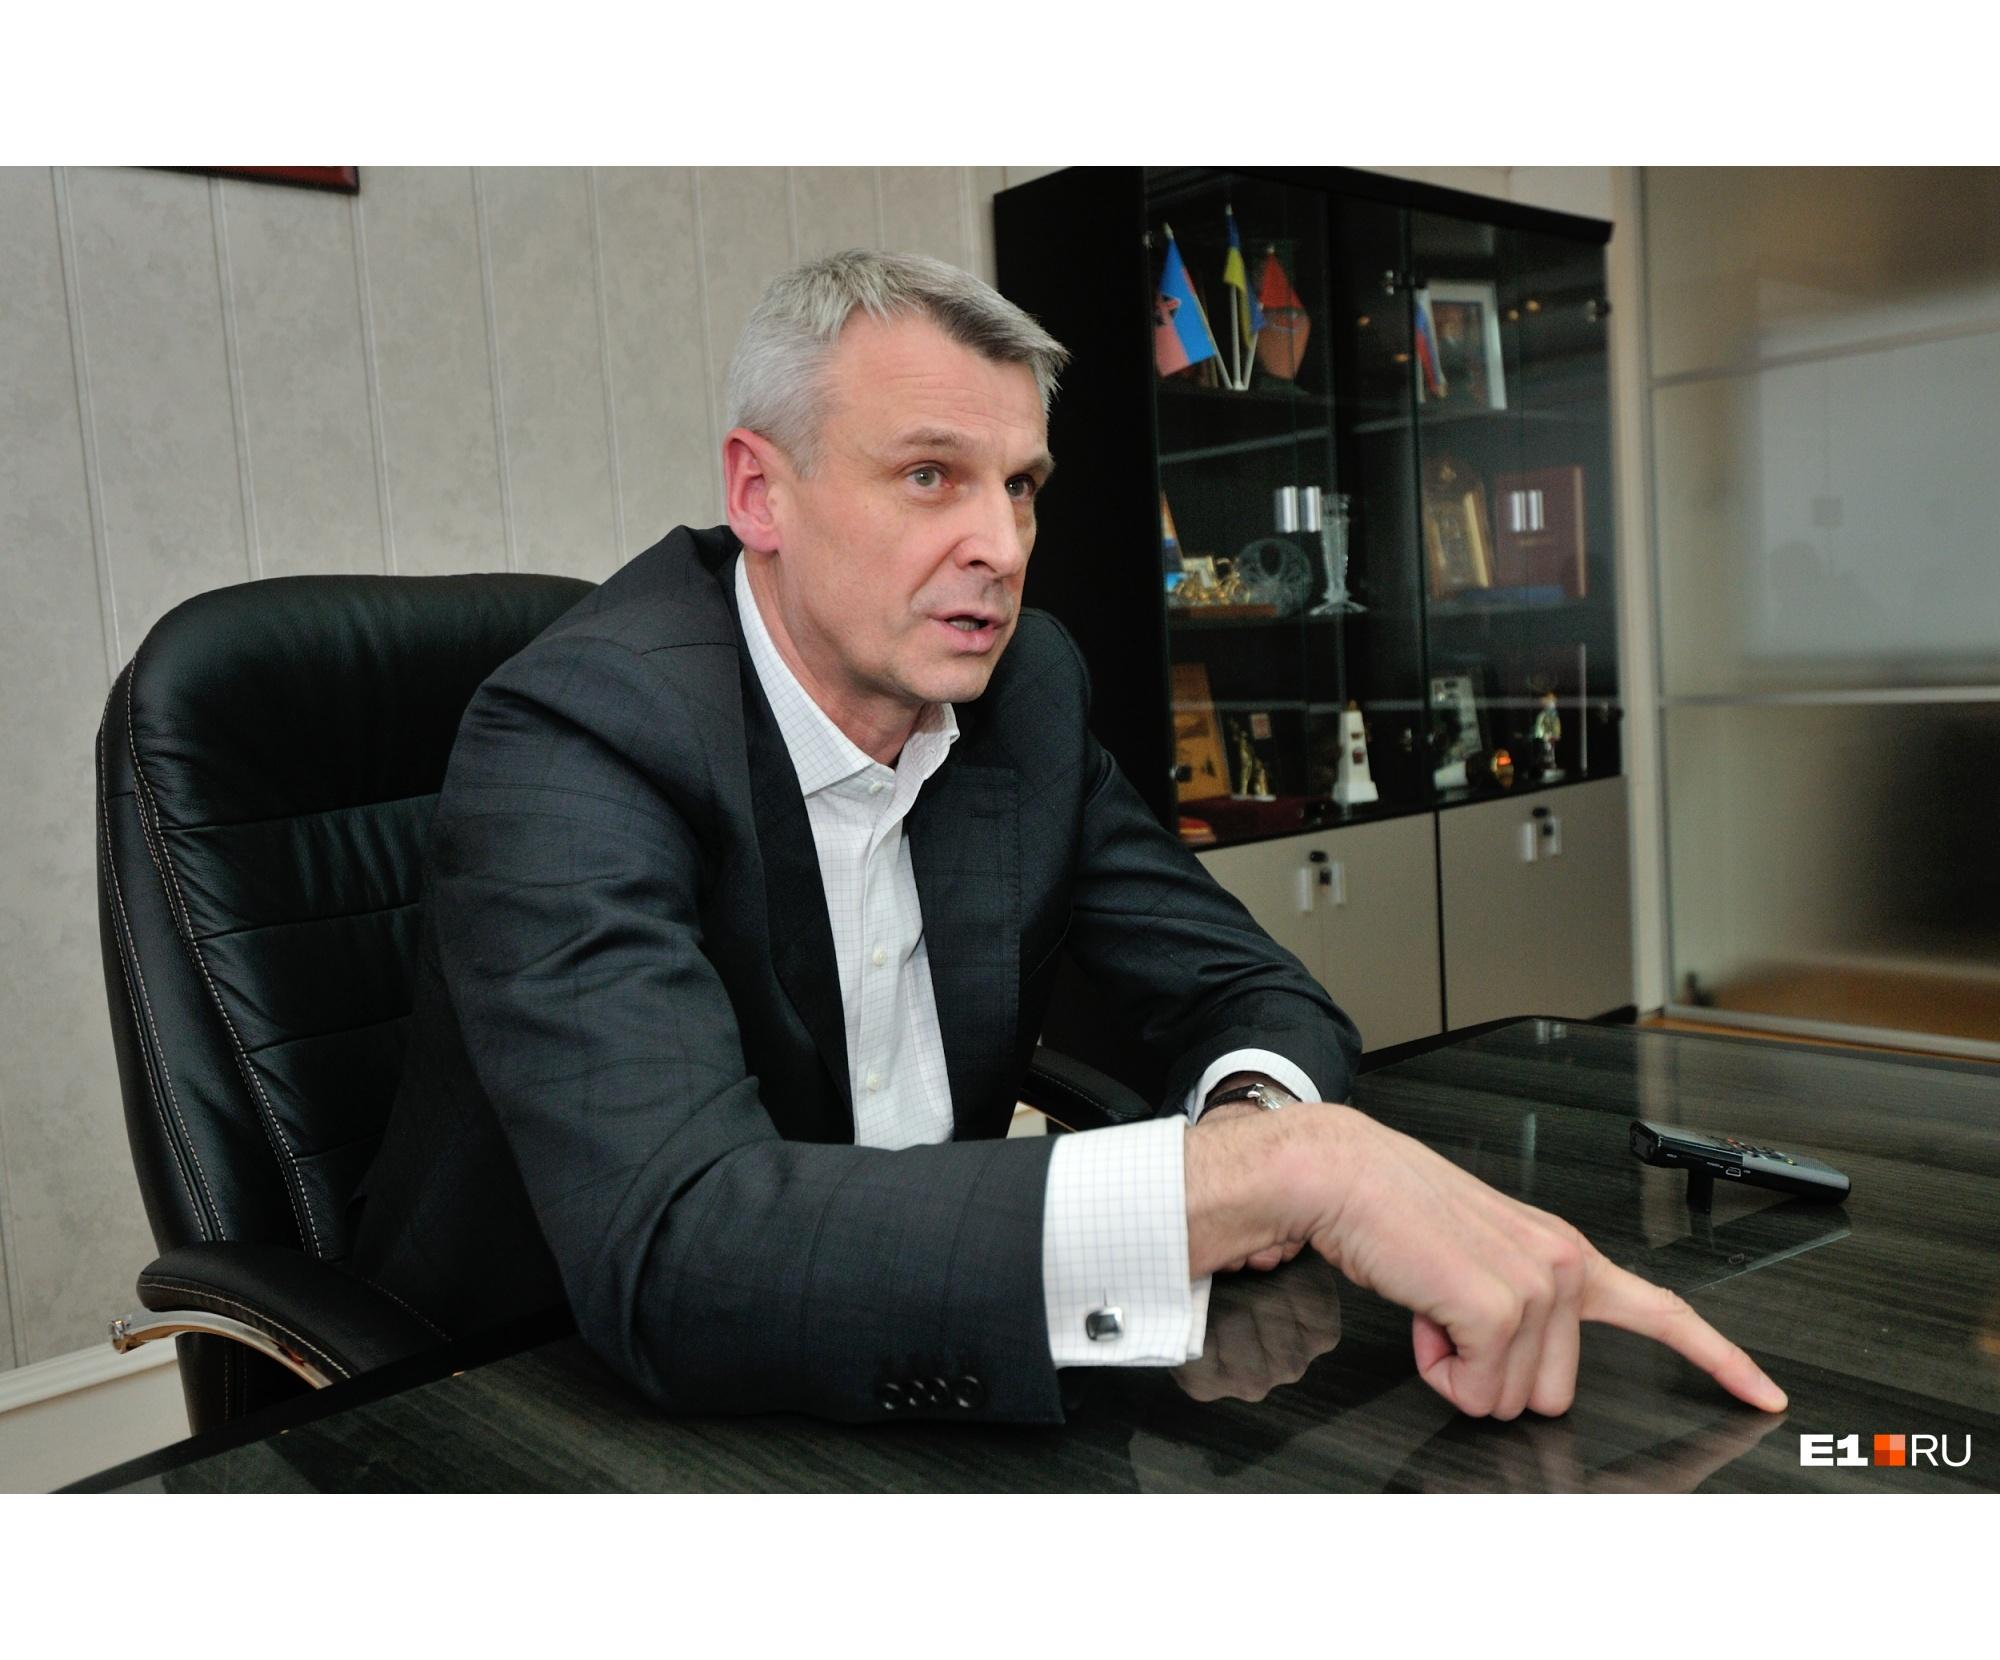 Сергей Носов в нулевых годах совмещал карьеру политика и топ-менеджера в металлургической промышленности